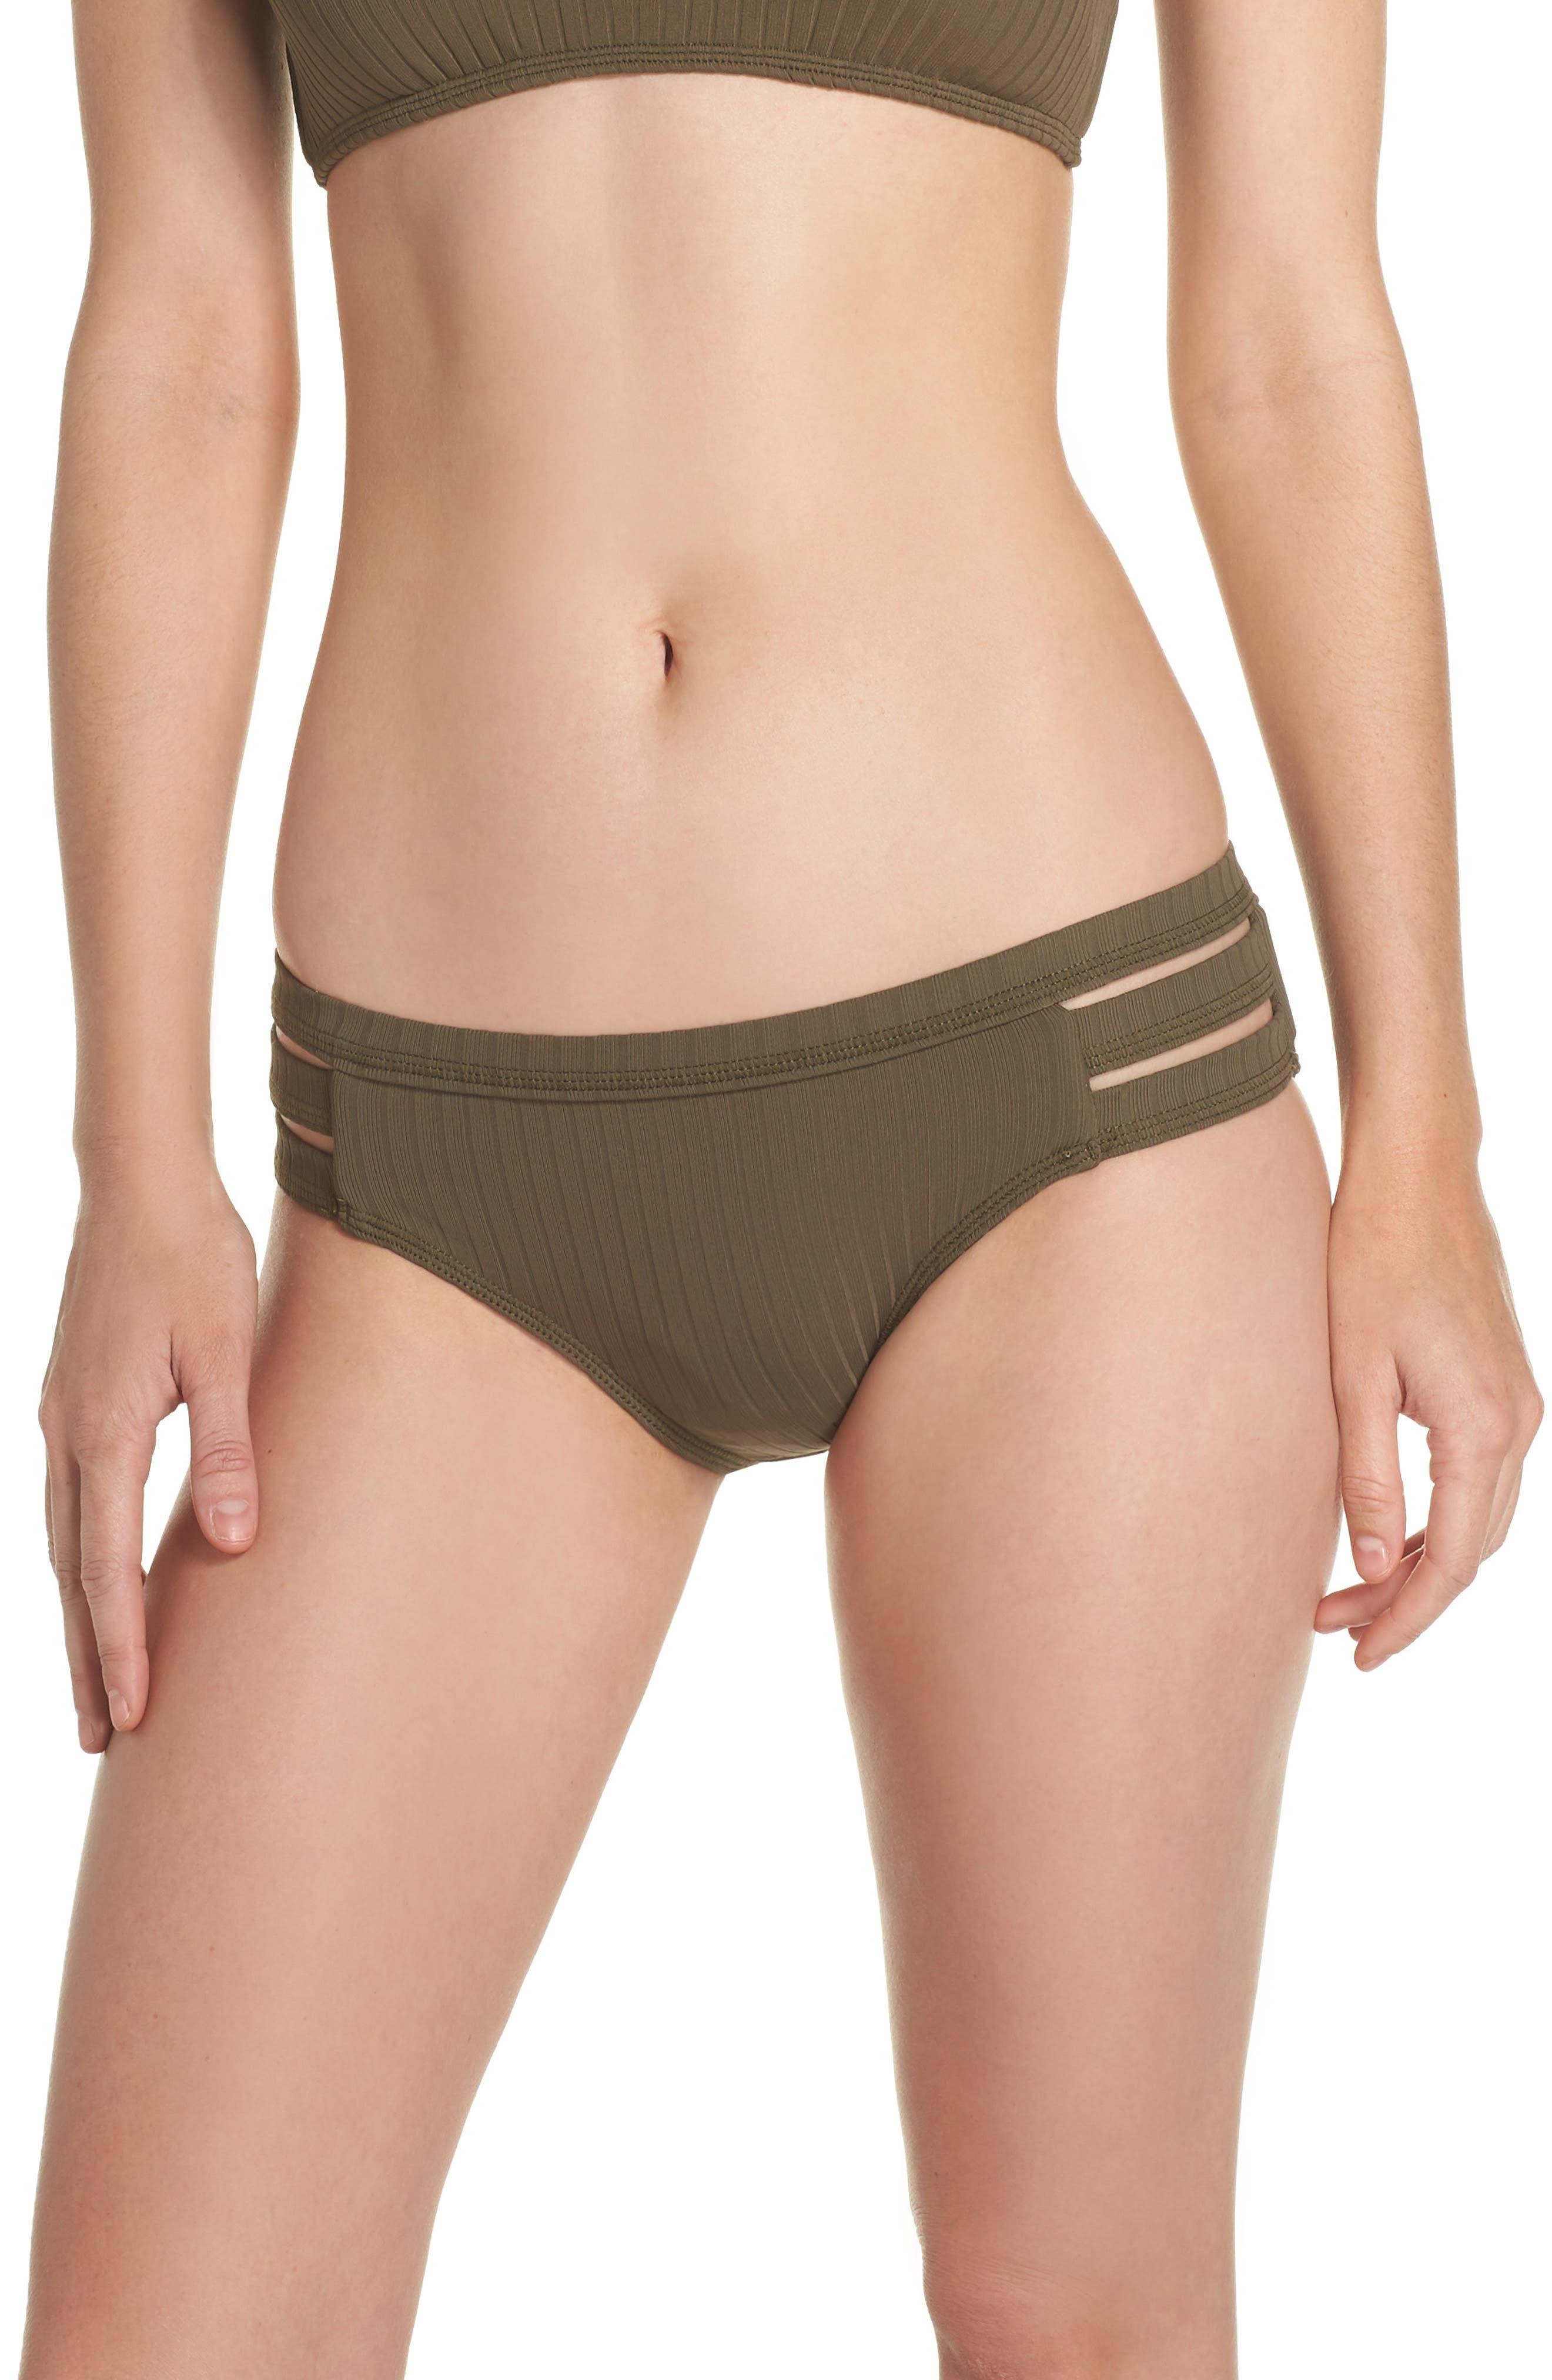 Inka Ribbed Hipster Bikini Bottoms,                             Main thumbnail 1, color,                             300